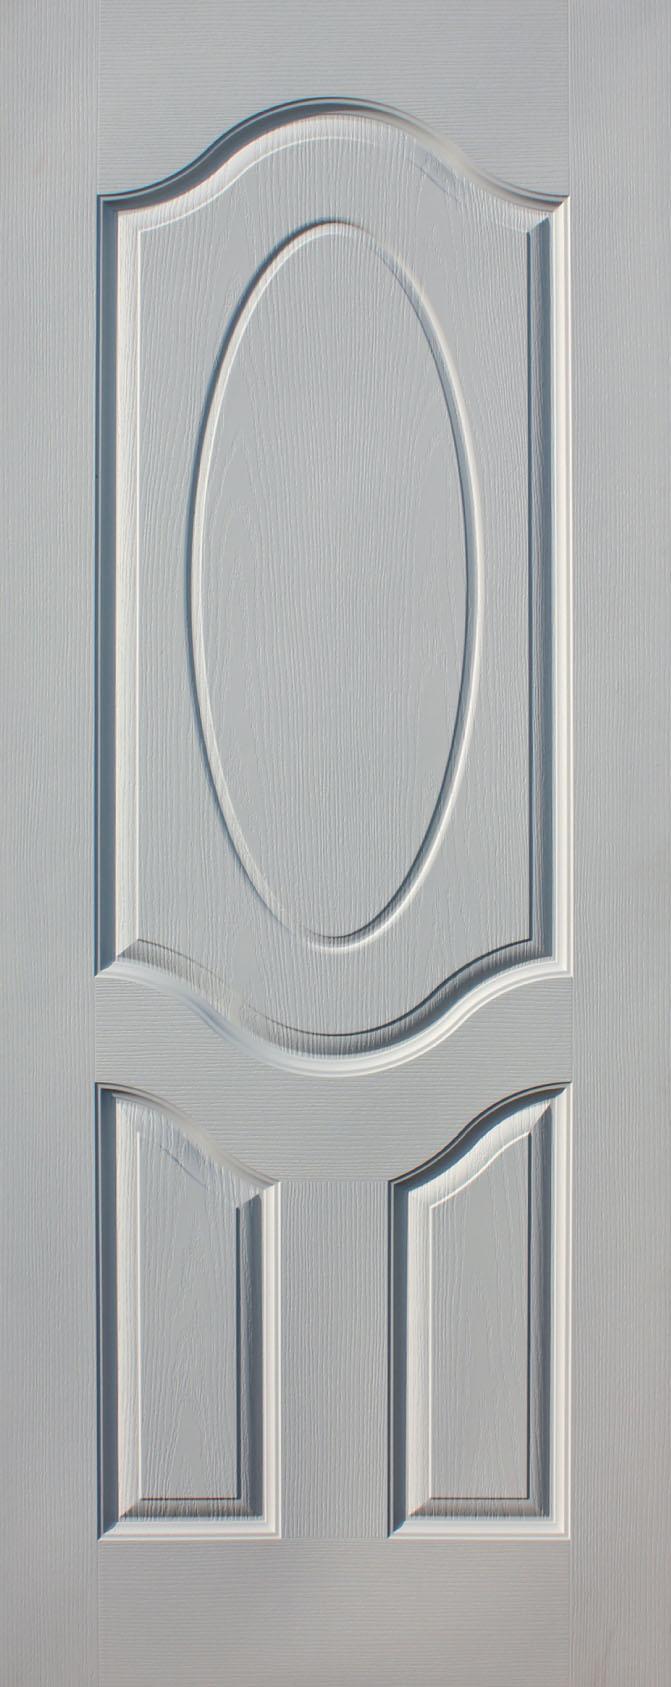 ประตูไม้ HDF บานลูกฟัก 2 ช่องโค้ง ขนาด 80x200 ซม.